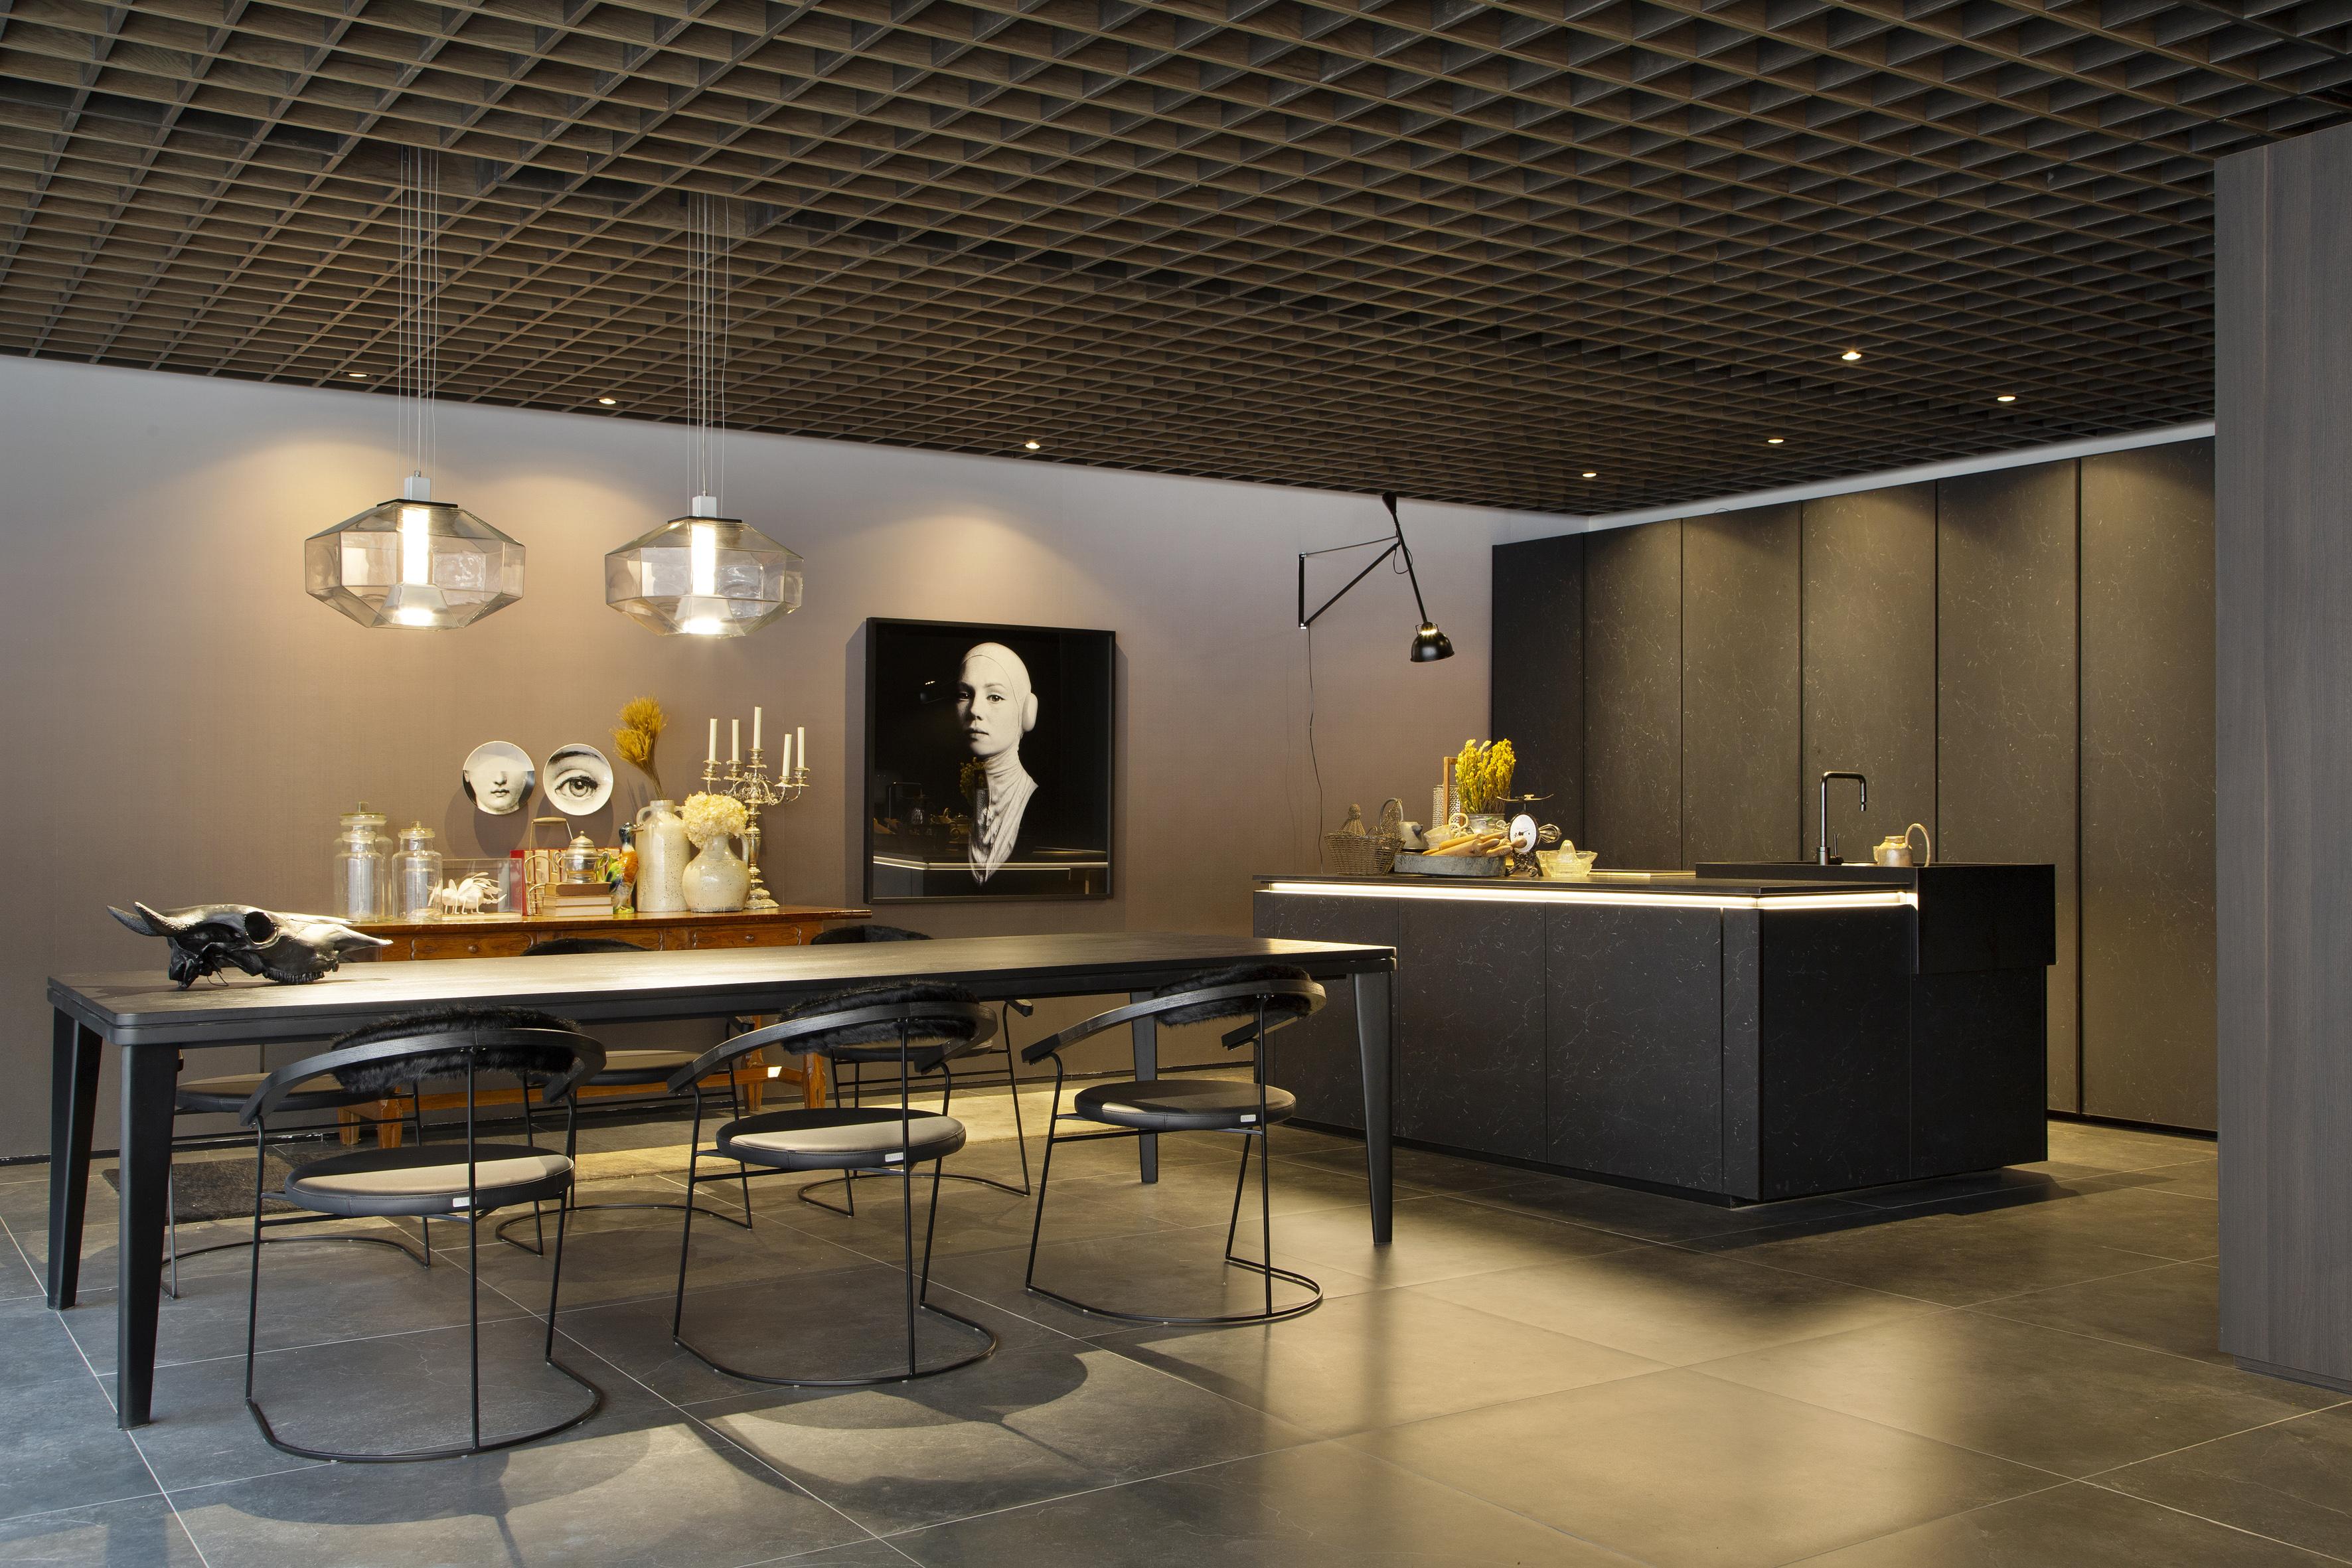 Projeto de Leo Shehtman na CASACOR SP 2019. Cozinha e sala de jantar com mámore Carpe Diem. Ambiente contemporâneo com aparência natural.